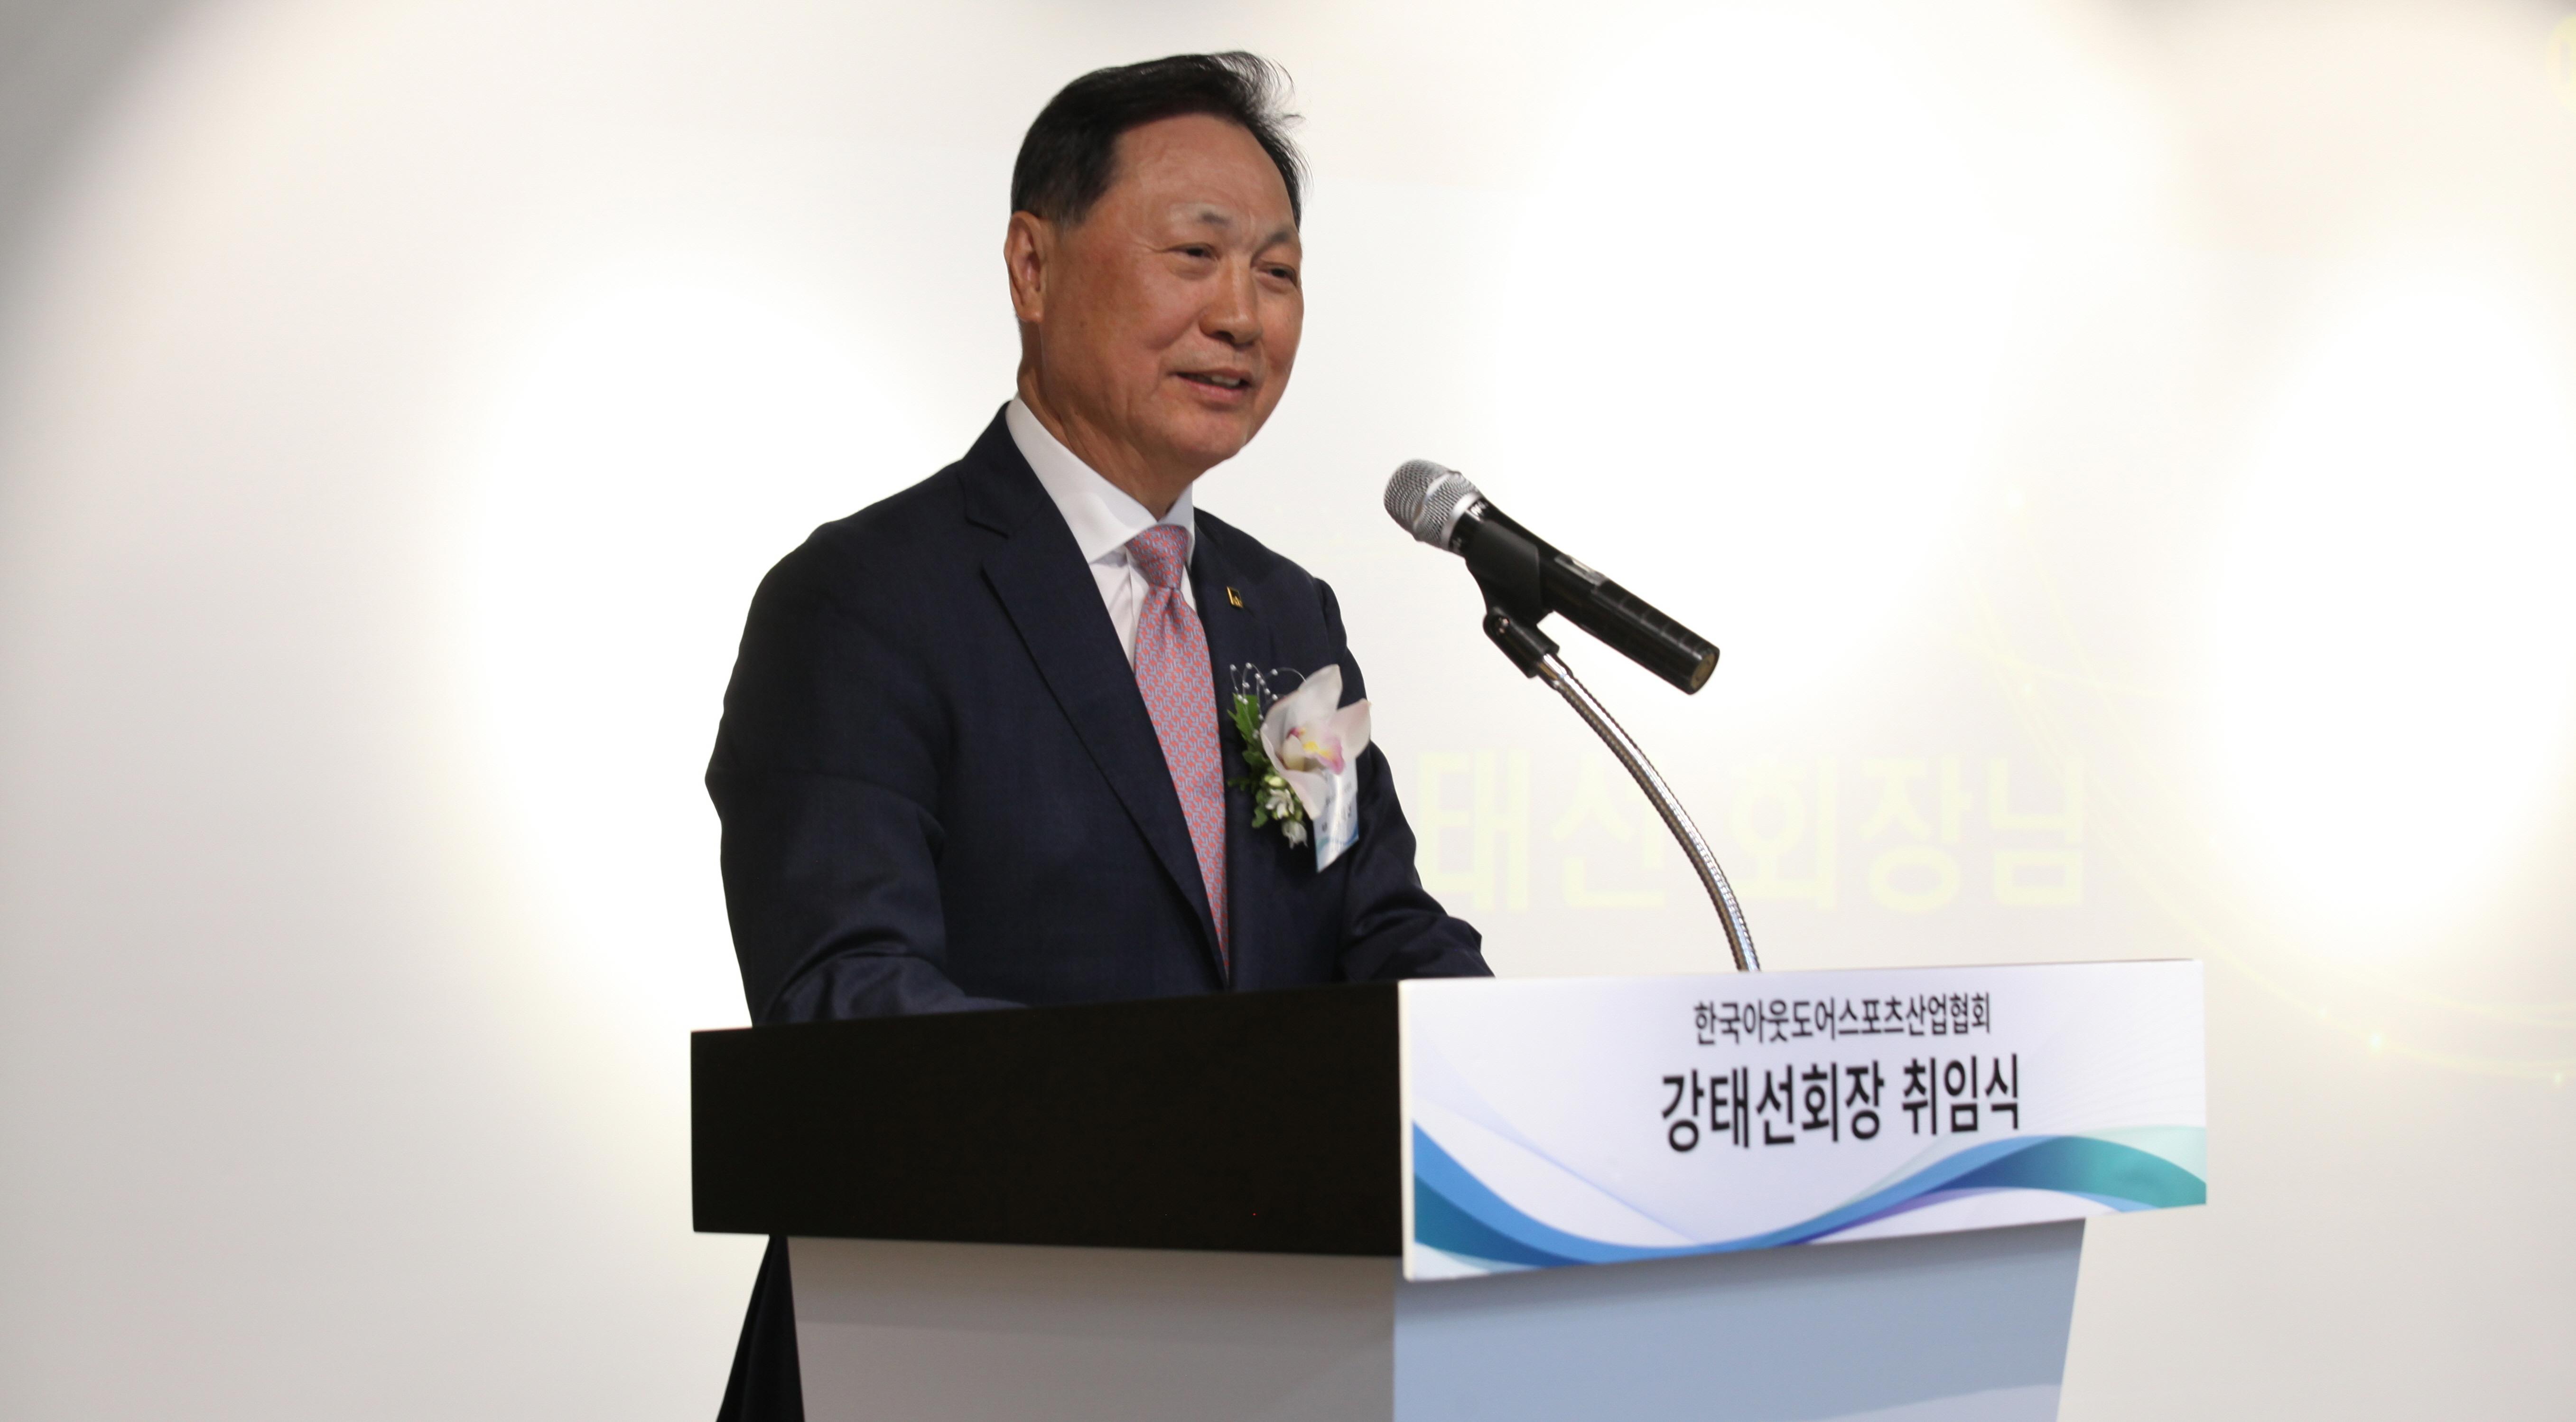 블랙야크 강태선 회장, 한국아웃도어산업협회 신임 회장 취임...업계 '재도약' 기대